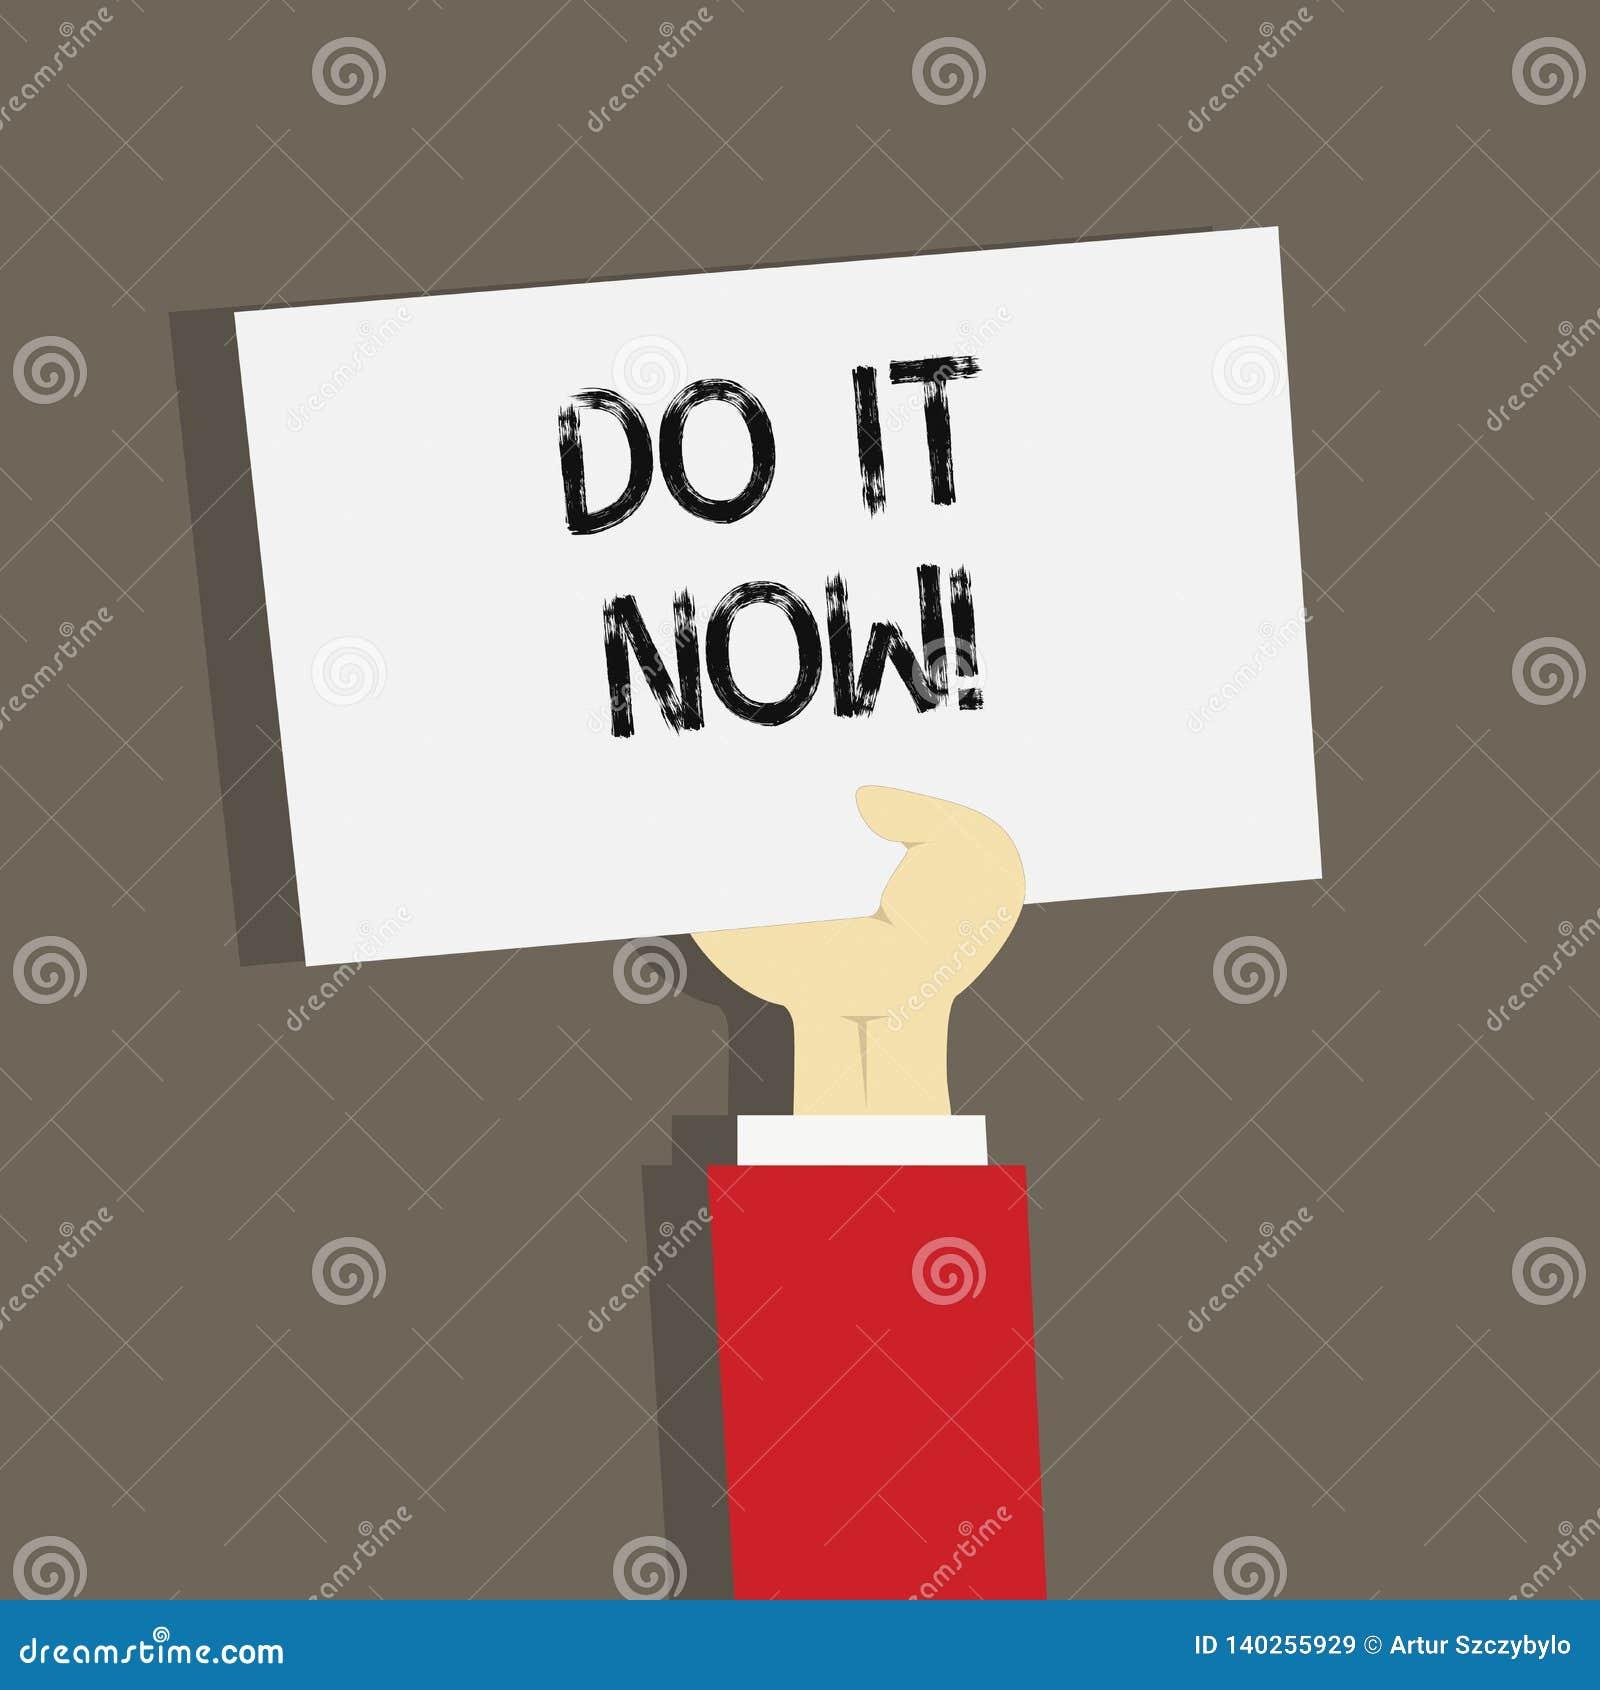 Word het schrijven de tekst doet nu het Het bedrijfsconcept voor Respond onmiddellijk iets moet direct worden gedaan